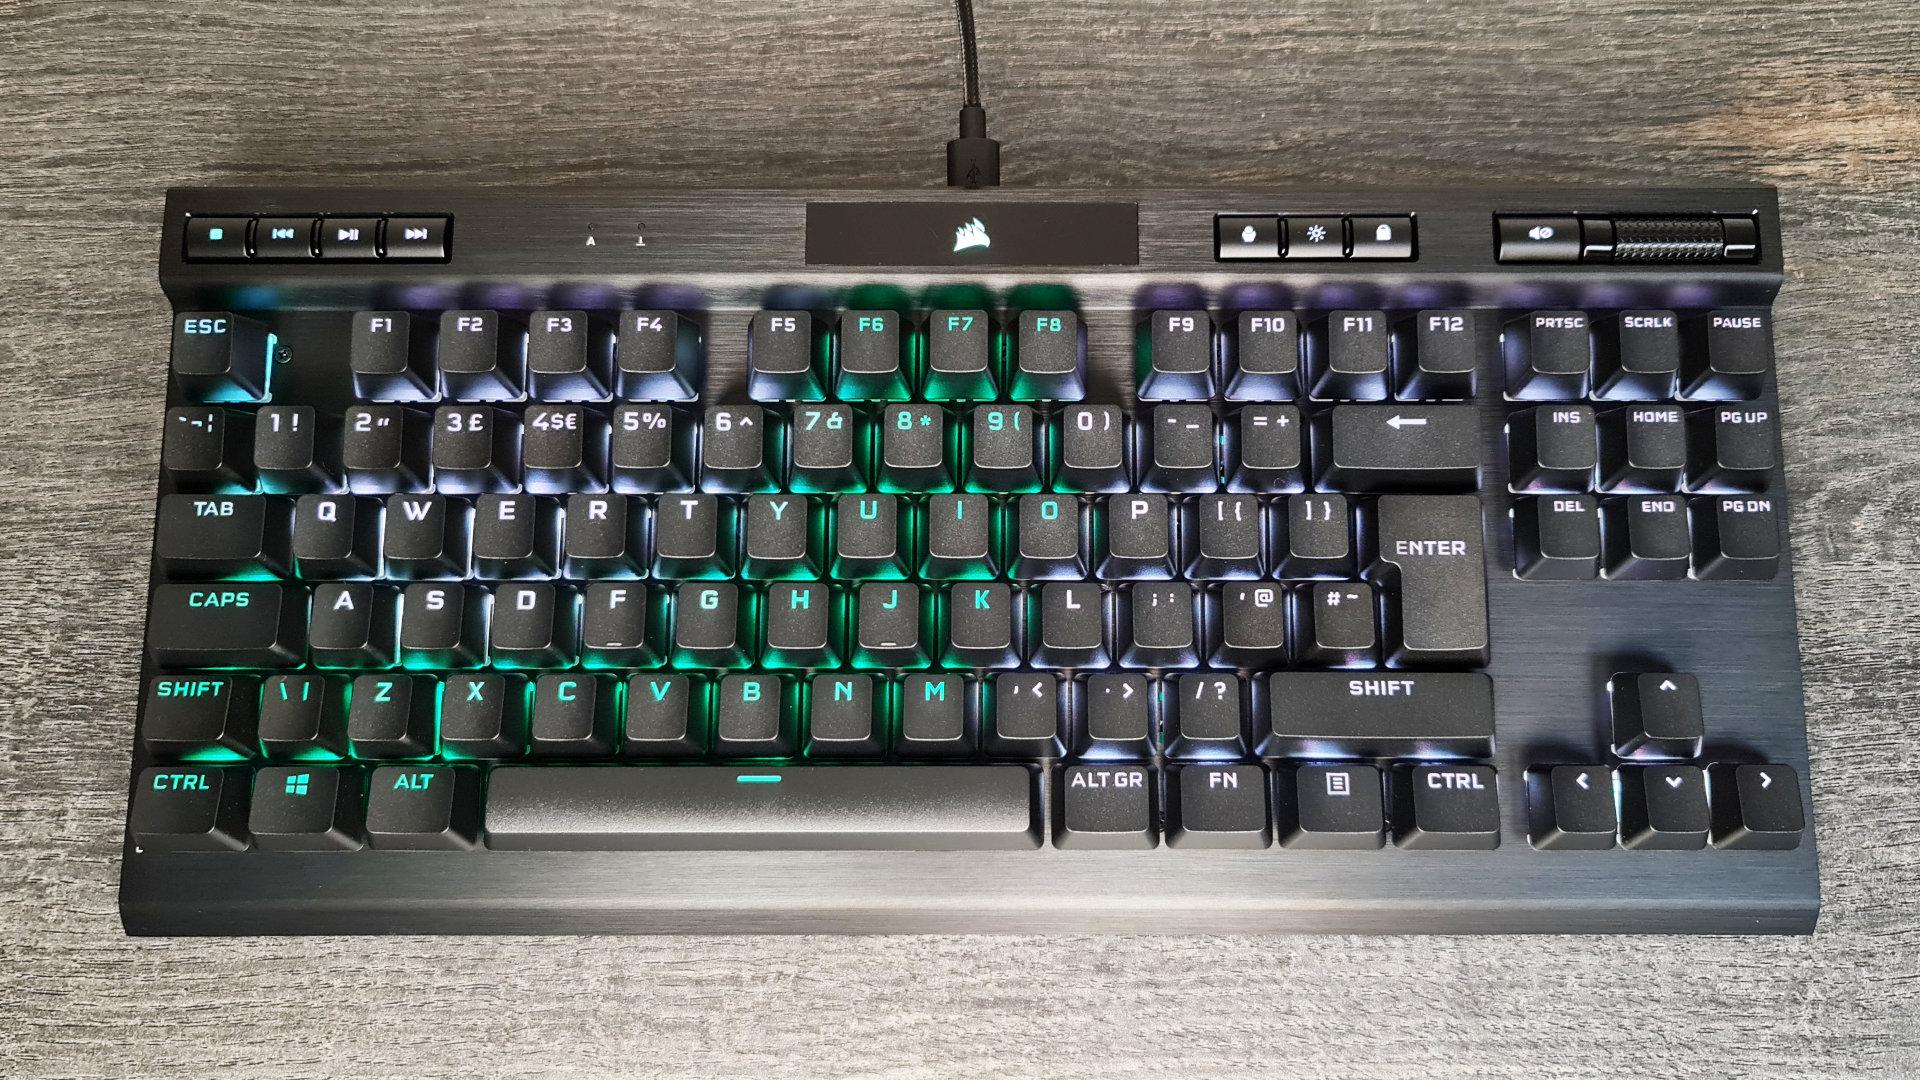 Corsair K70 TKL review – the top gaming keyboard sheds its numpad